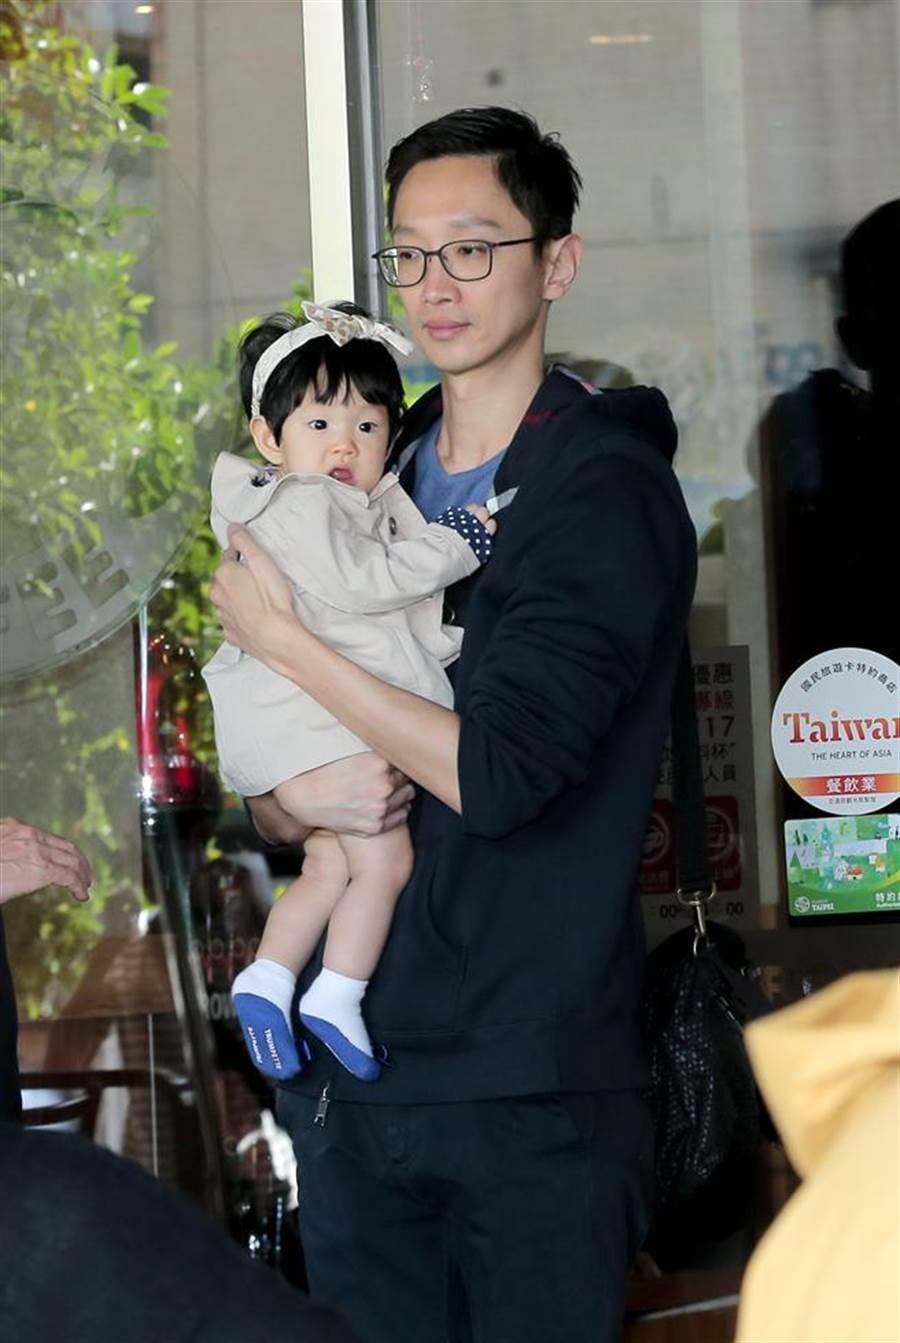 楊千霈的老公(右)帶著女兒一起陪同楊千霈出席記者會。(盧禕祺攝)